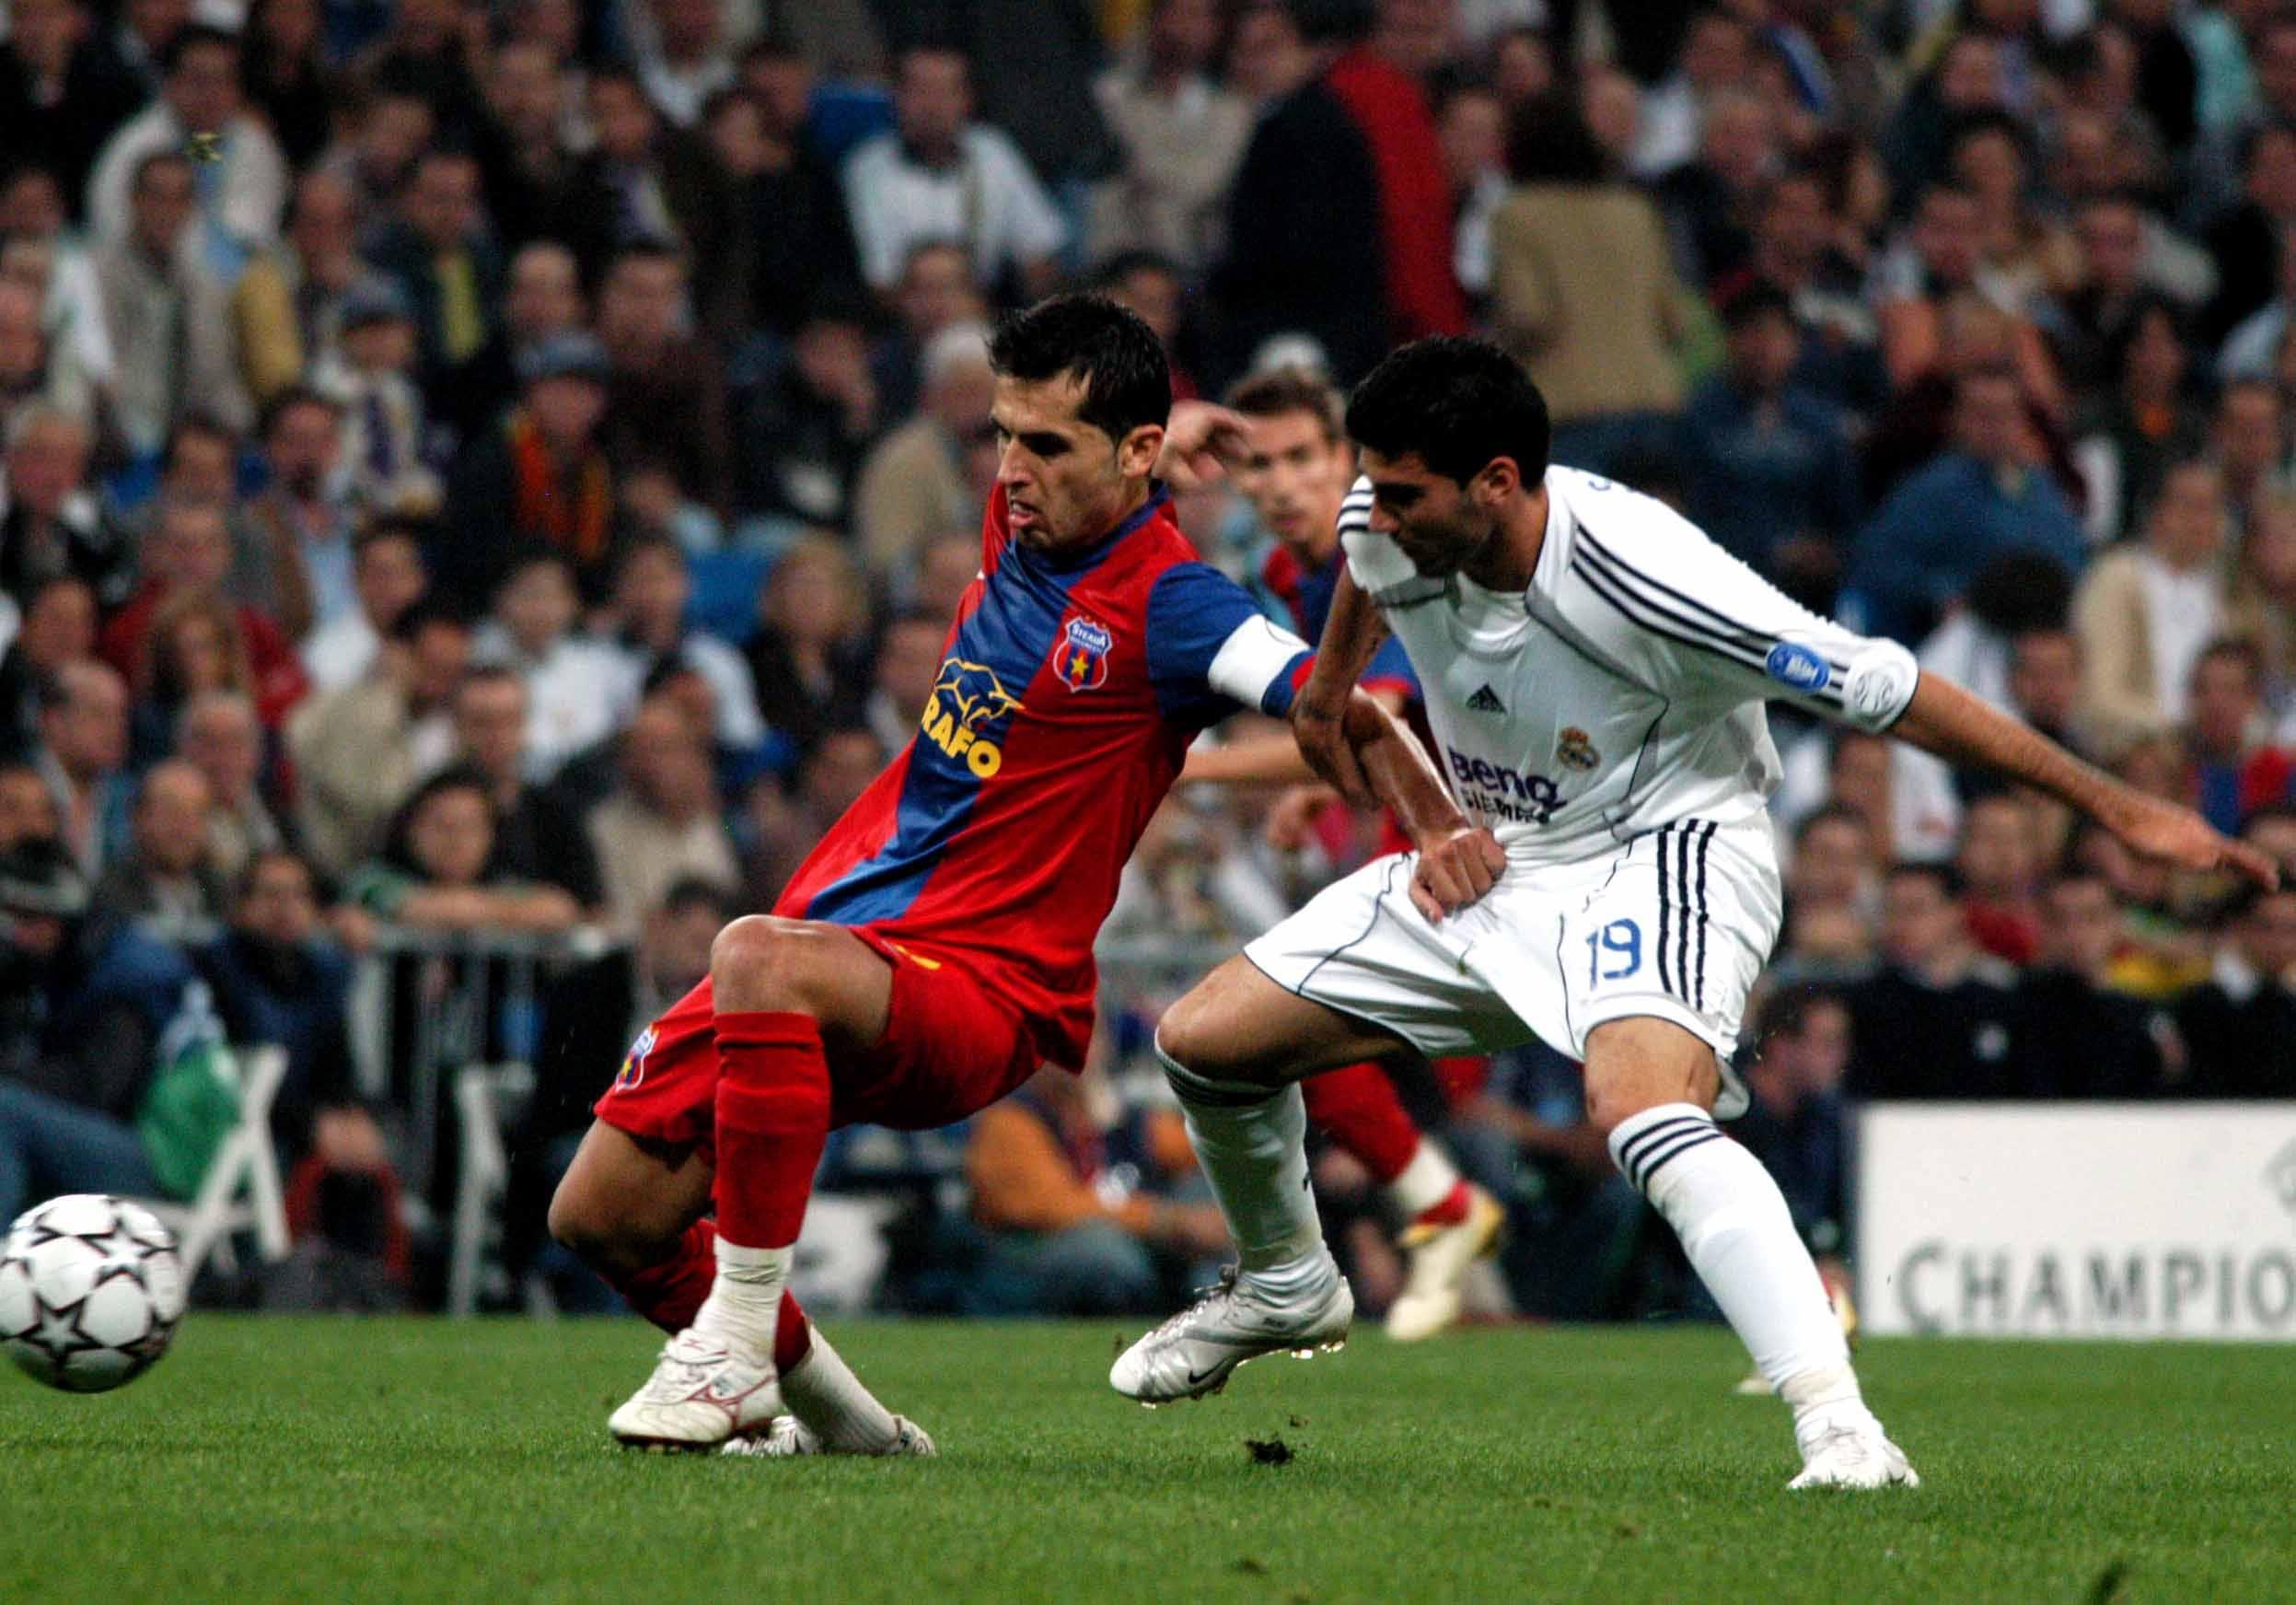 Jose Antonio Reyes în duelul cu Nicolae Dică din meciul Real Madrid - FCSB 1-0, după autogolul lui Bănel Nicoliță. Sursă foto: sportpictures.eu